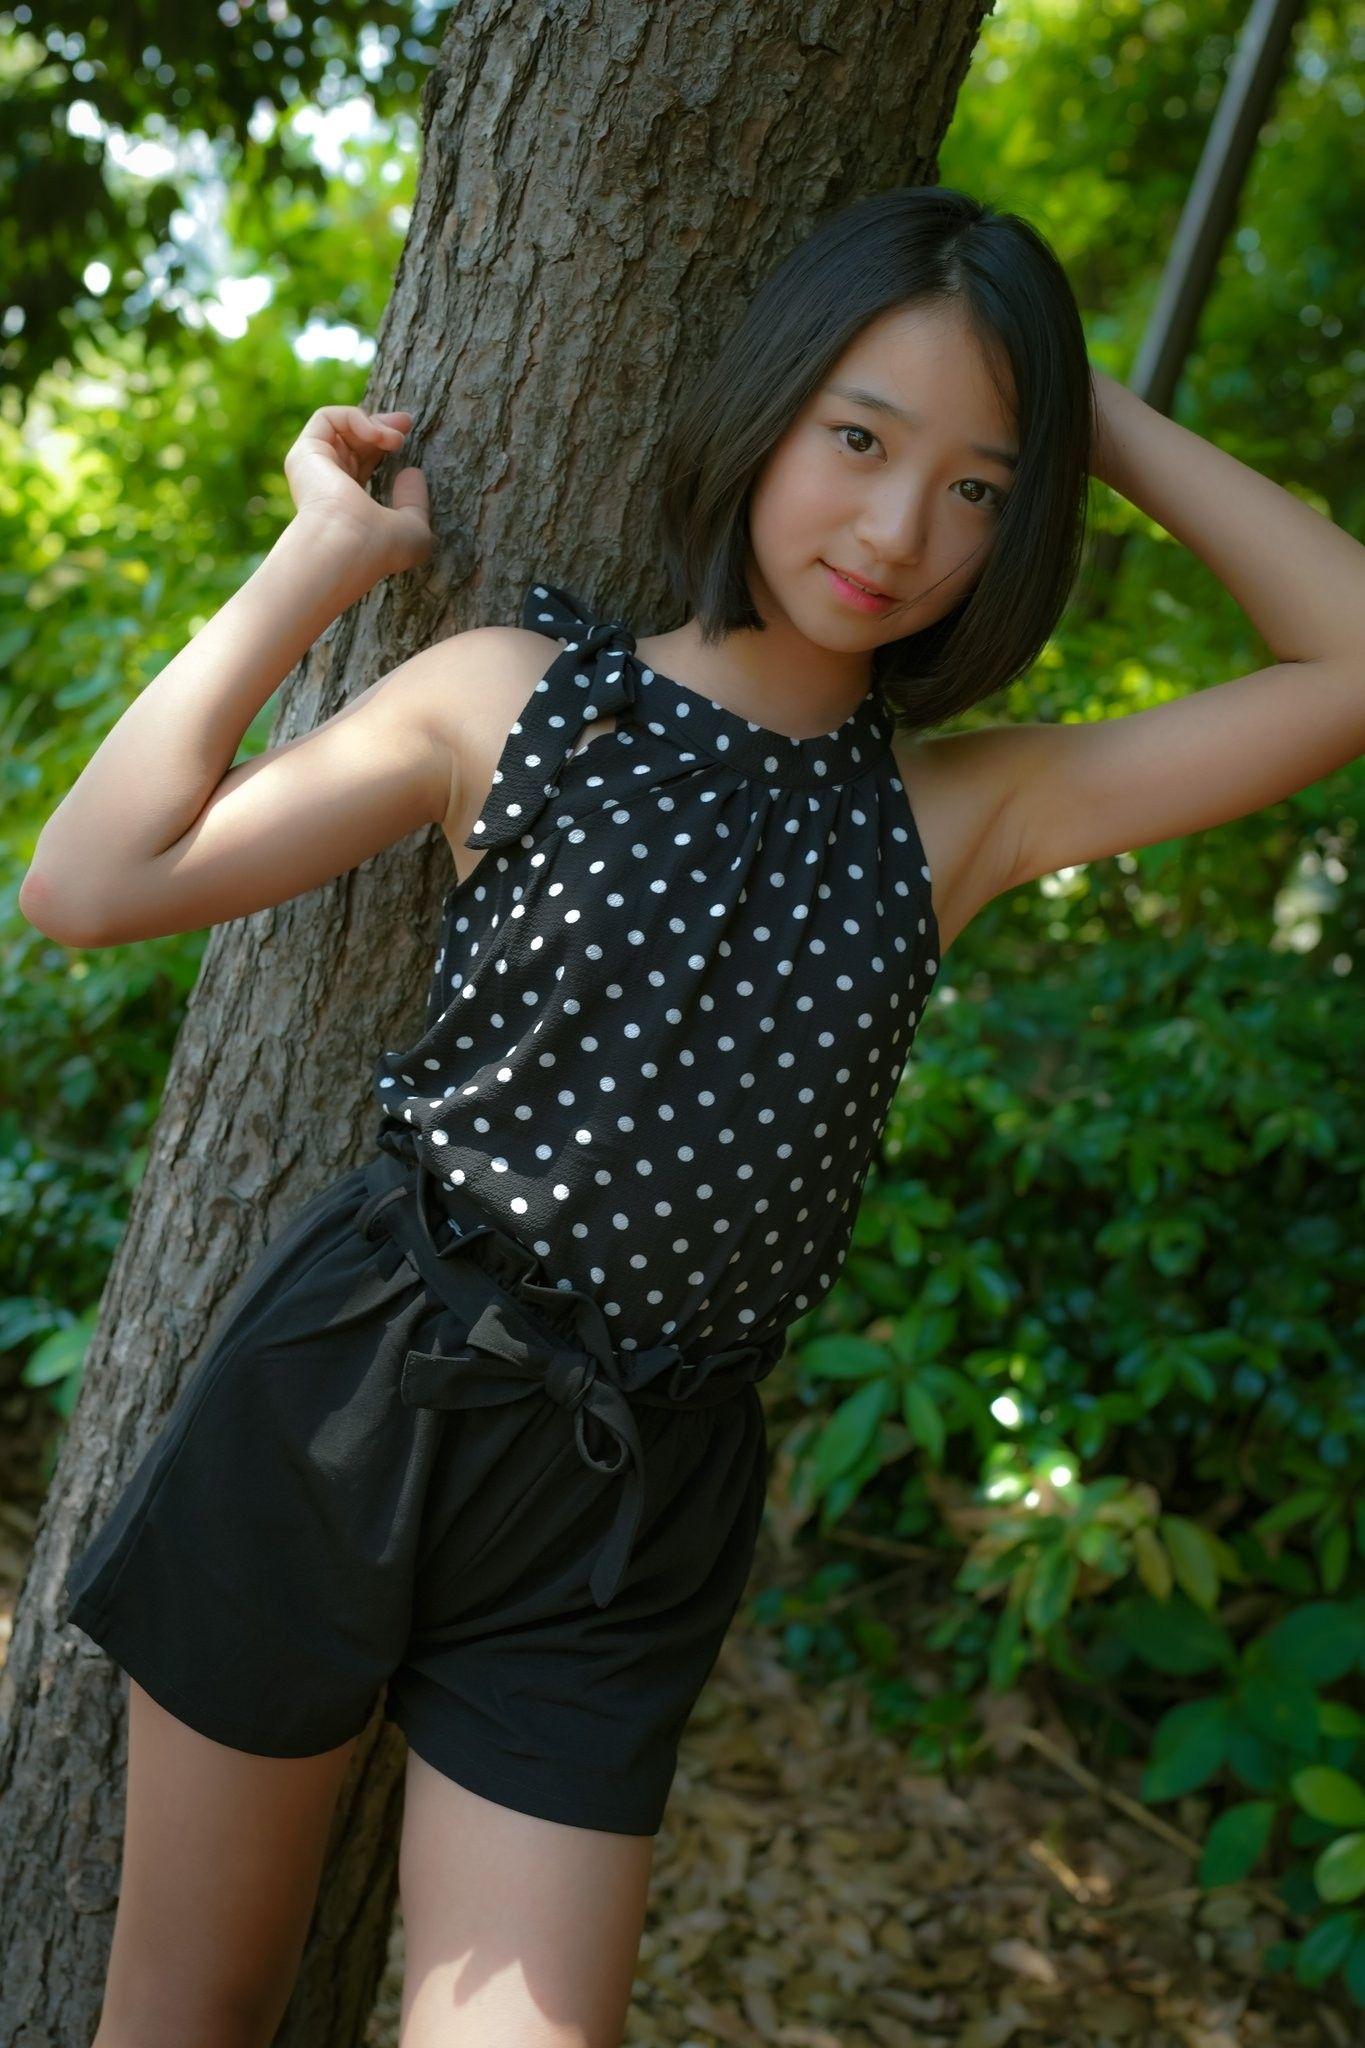 Asian Babes DB » Indian Asian Hot Girl